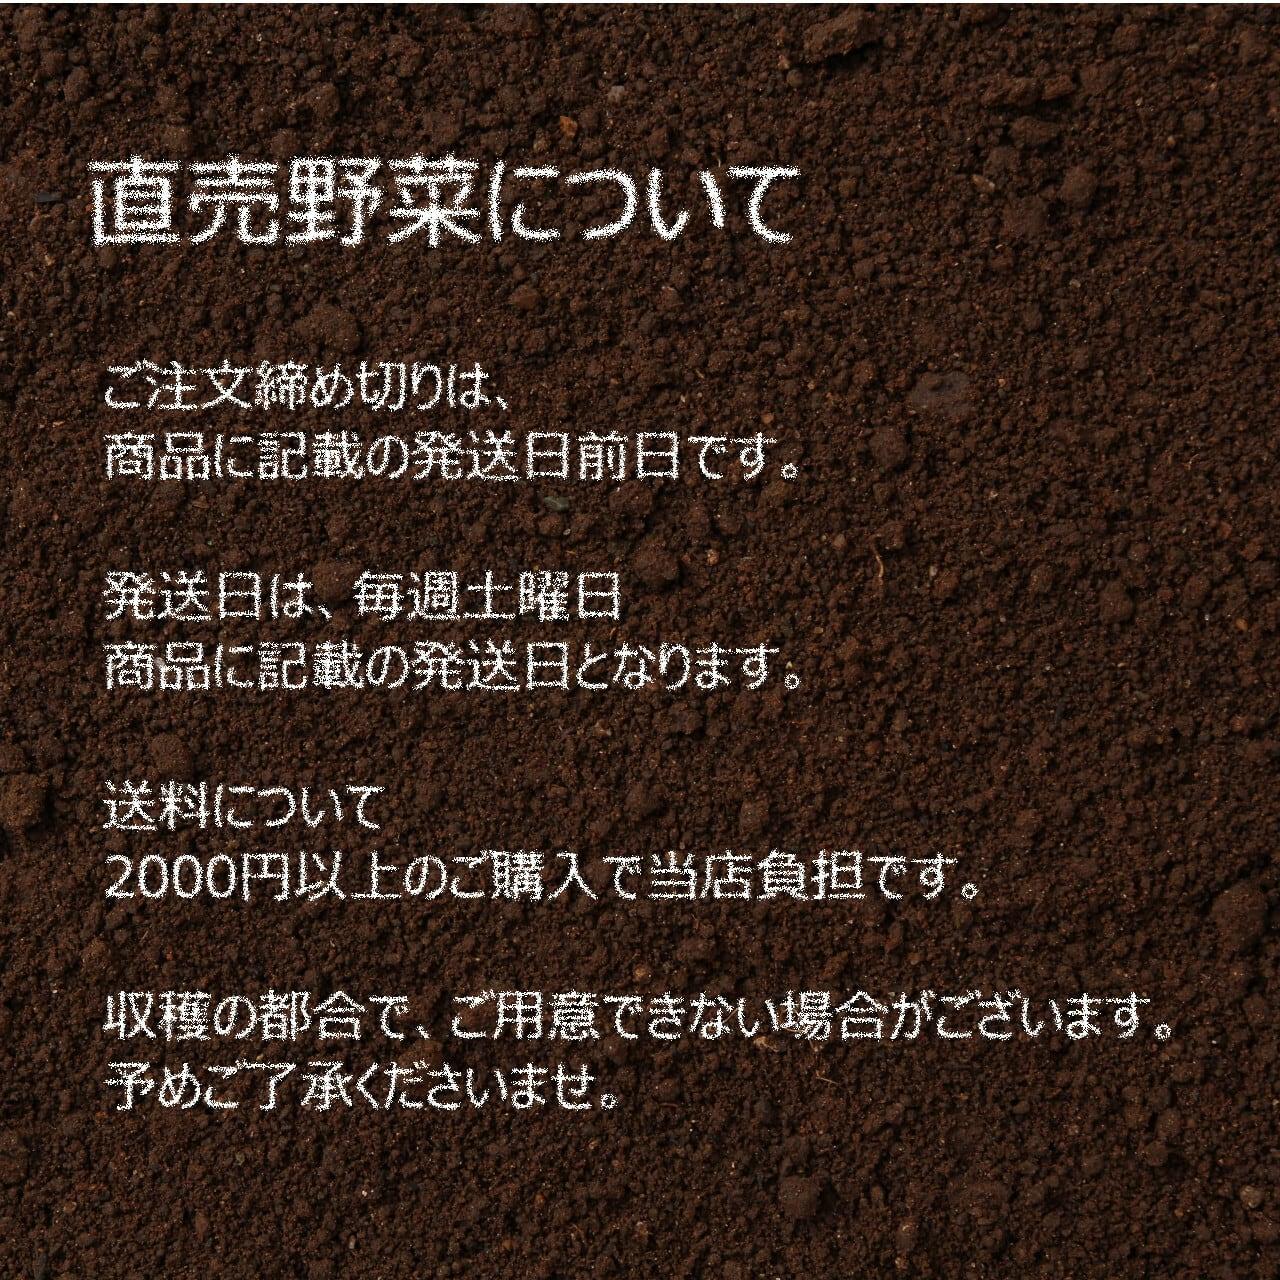 大葉 約100g : 6月の朝採り直売野菜 春の新鮮野菜 6月26日発送予定